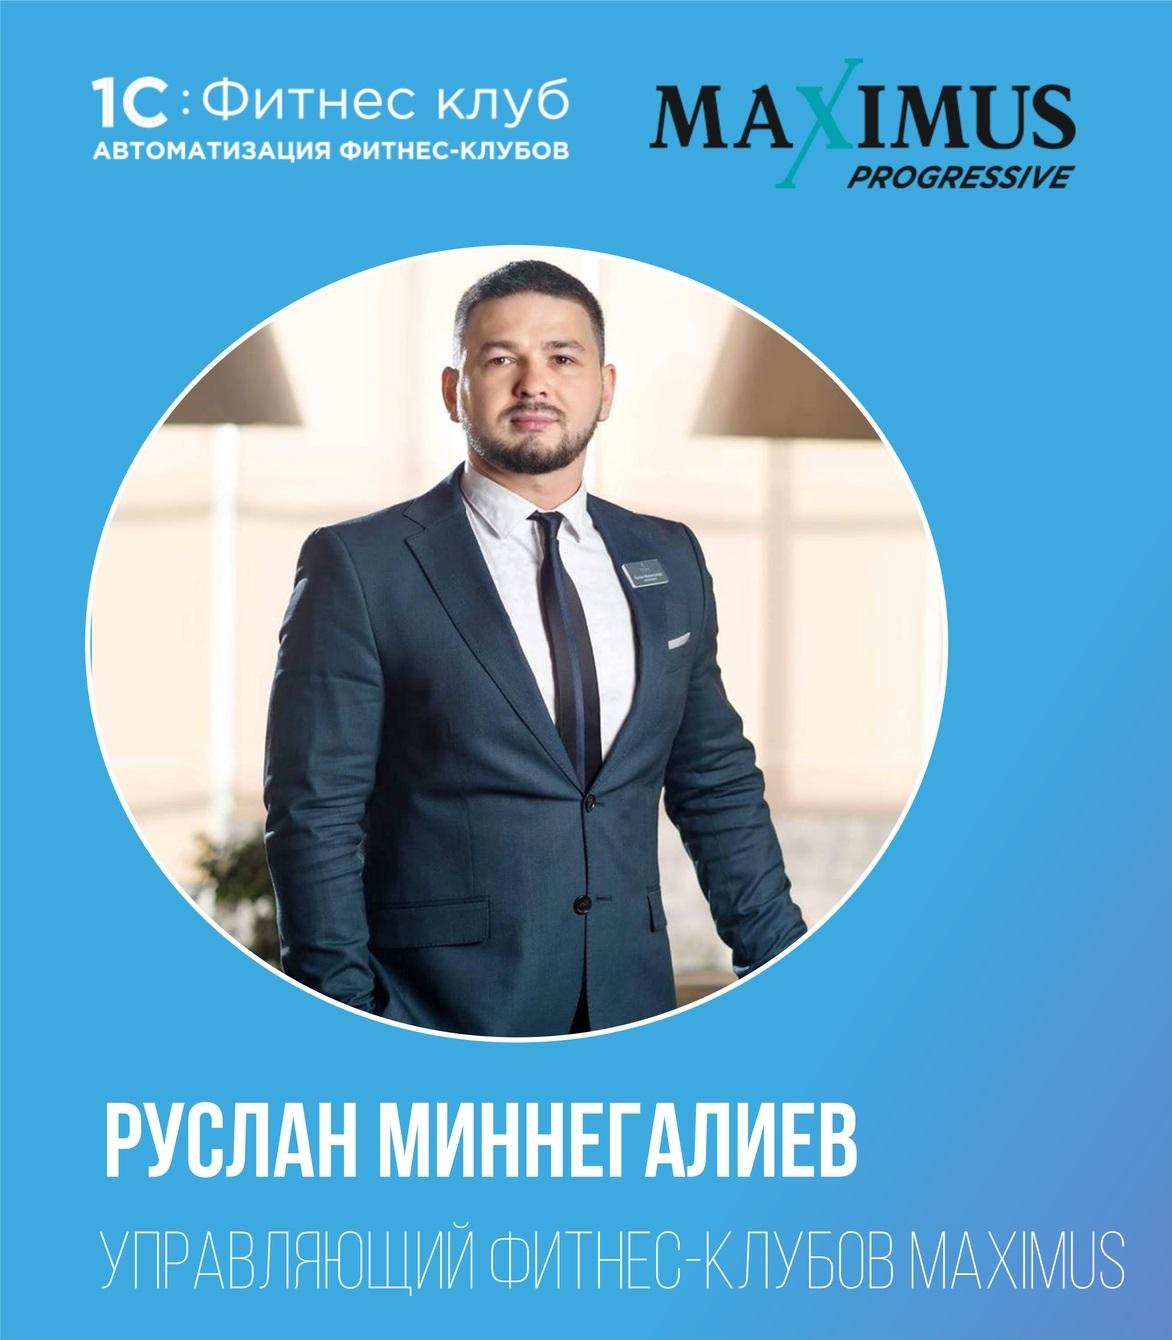 Отзыв управляющего фитнес-клубов MAXIMUS (г. Казань) о 1С:Фитнес клуб